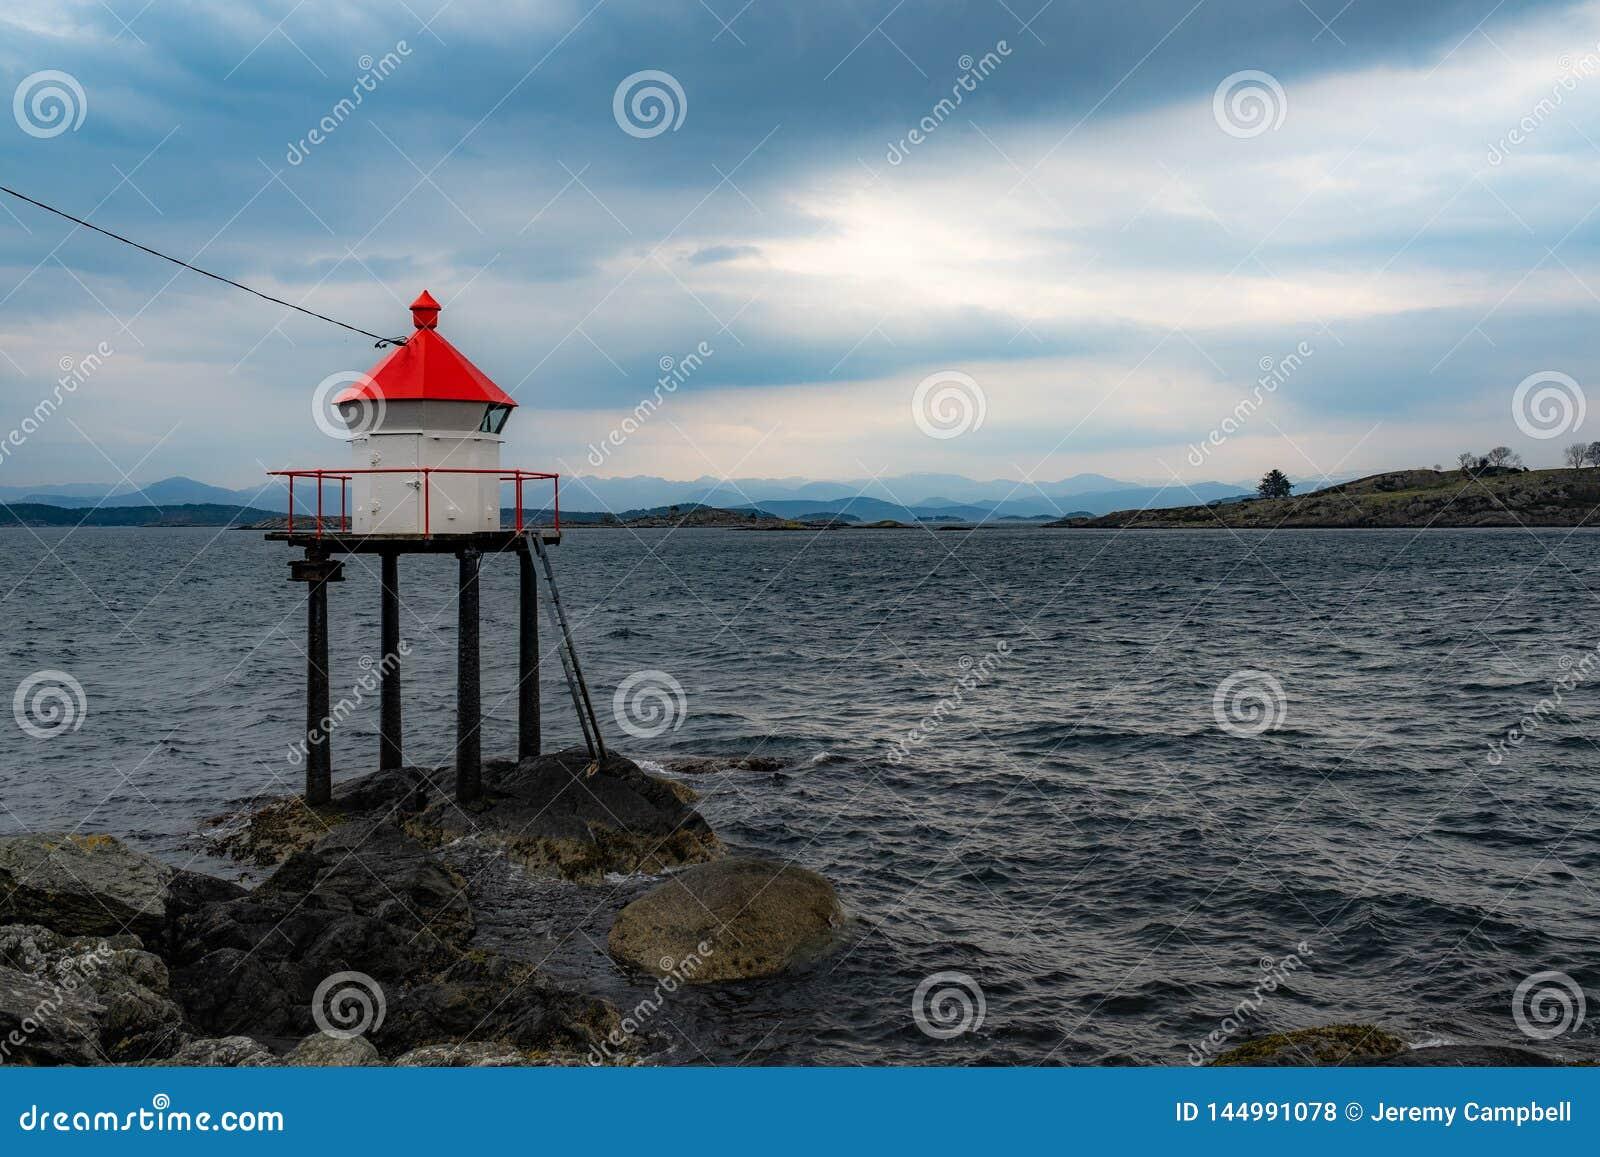 Fyr på fjorden i Norge